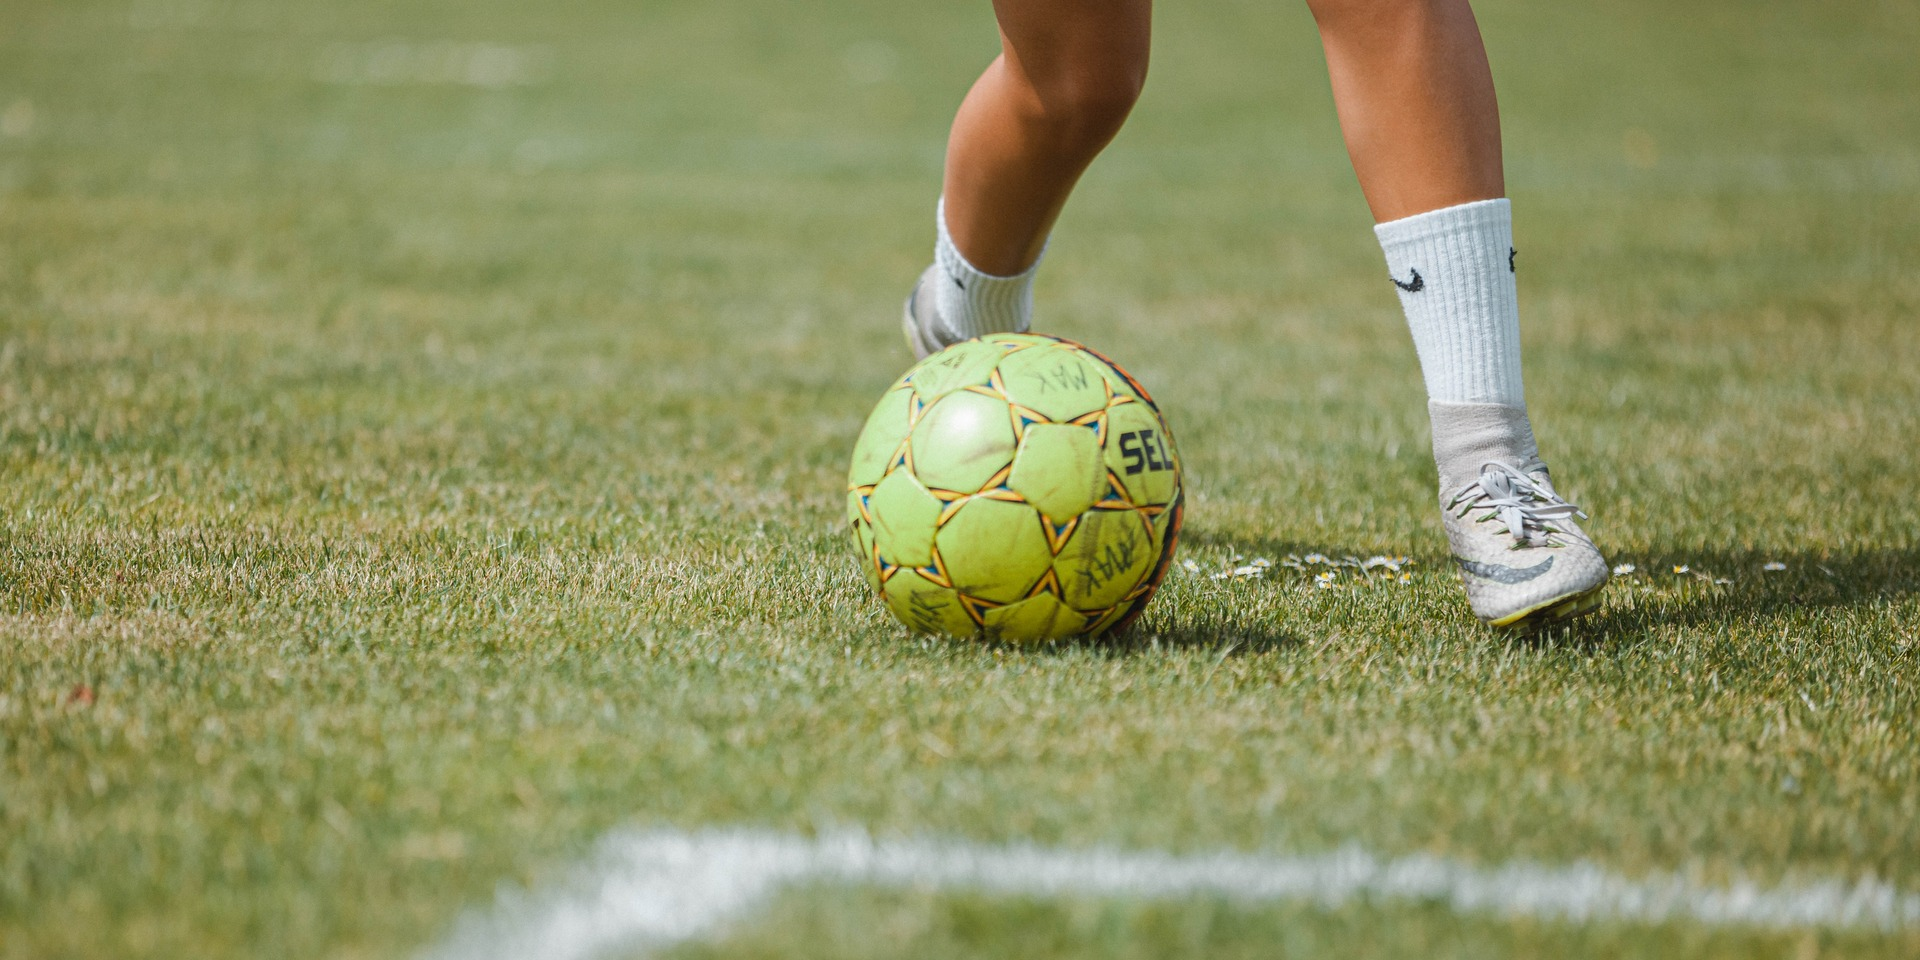 Header, Efterskole, Fodbold, Fodboldpiger